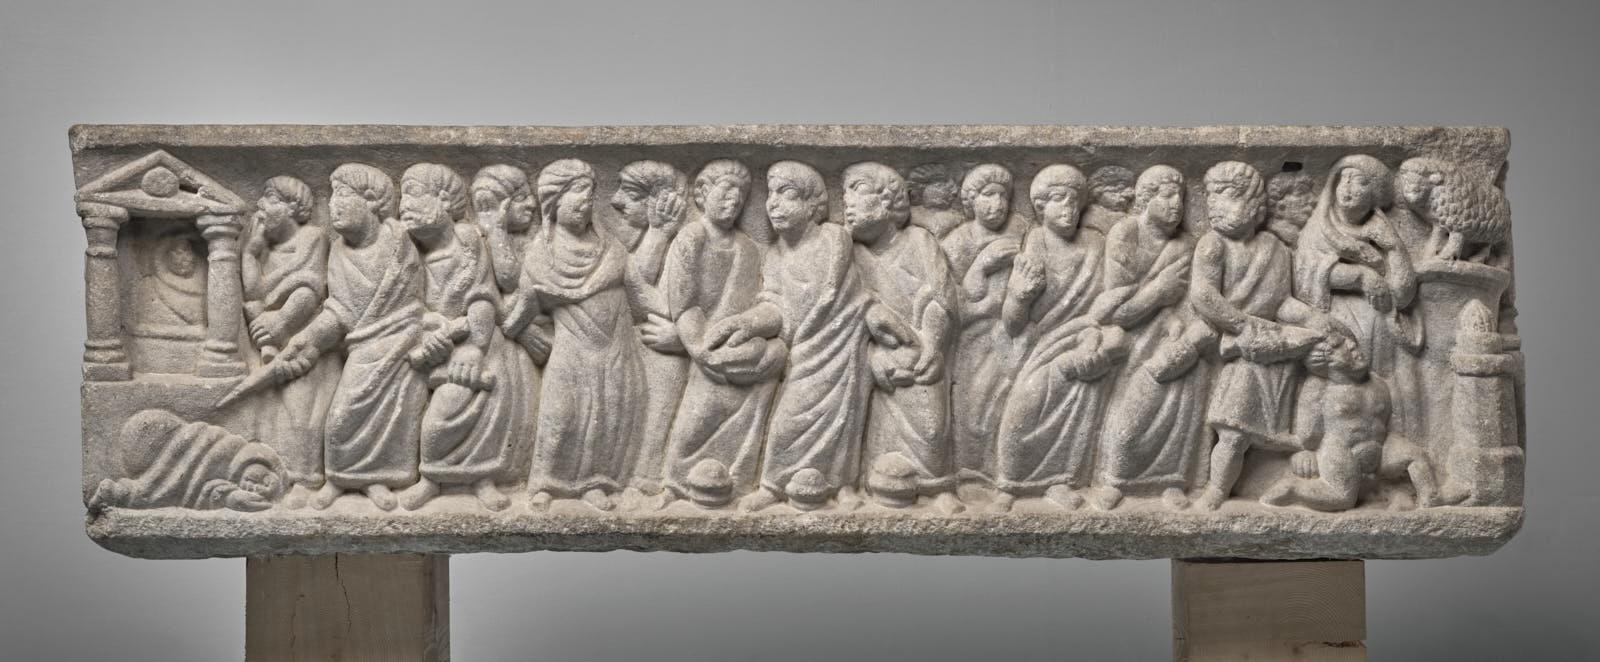 """Cuve de sarcophage dite """"tombeau de saint Clair""""_0"""